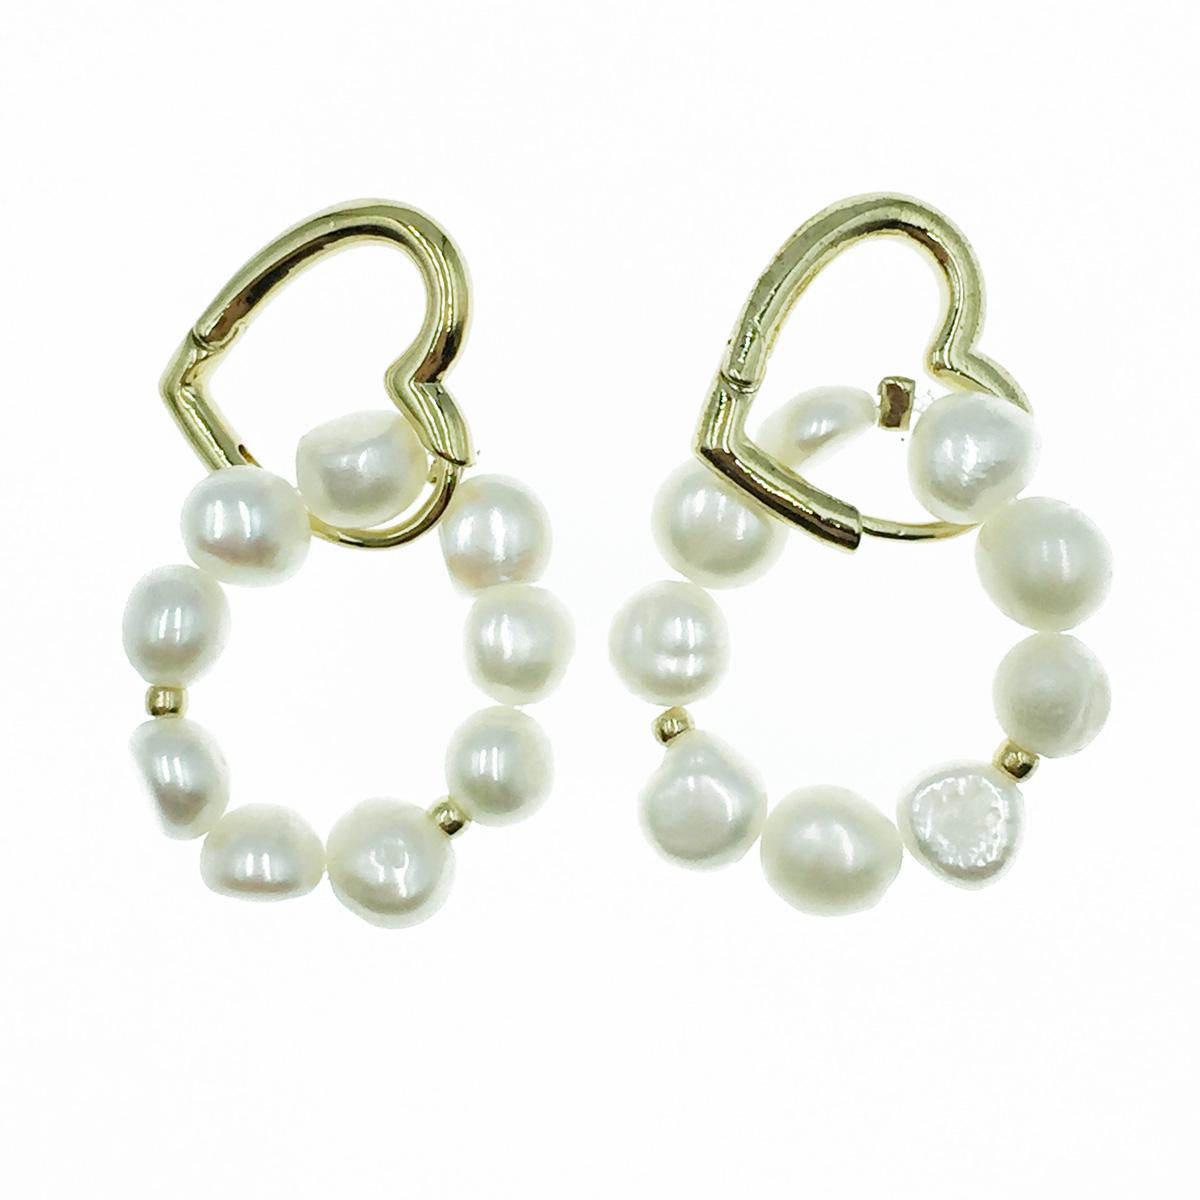 韓國 簍空愛心 珍珠圈圈 垂墜感 耳針式耳環